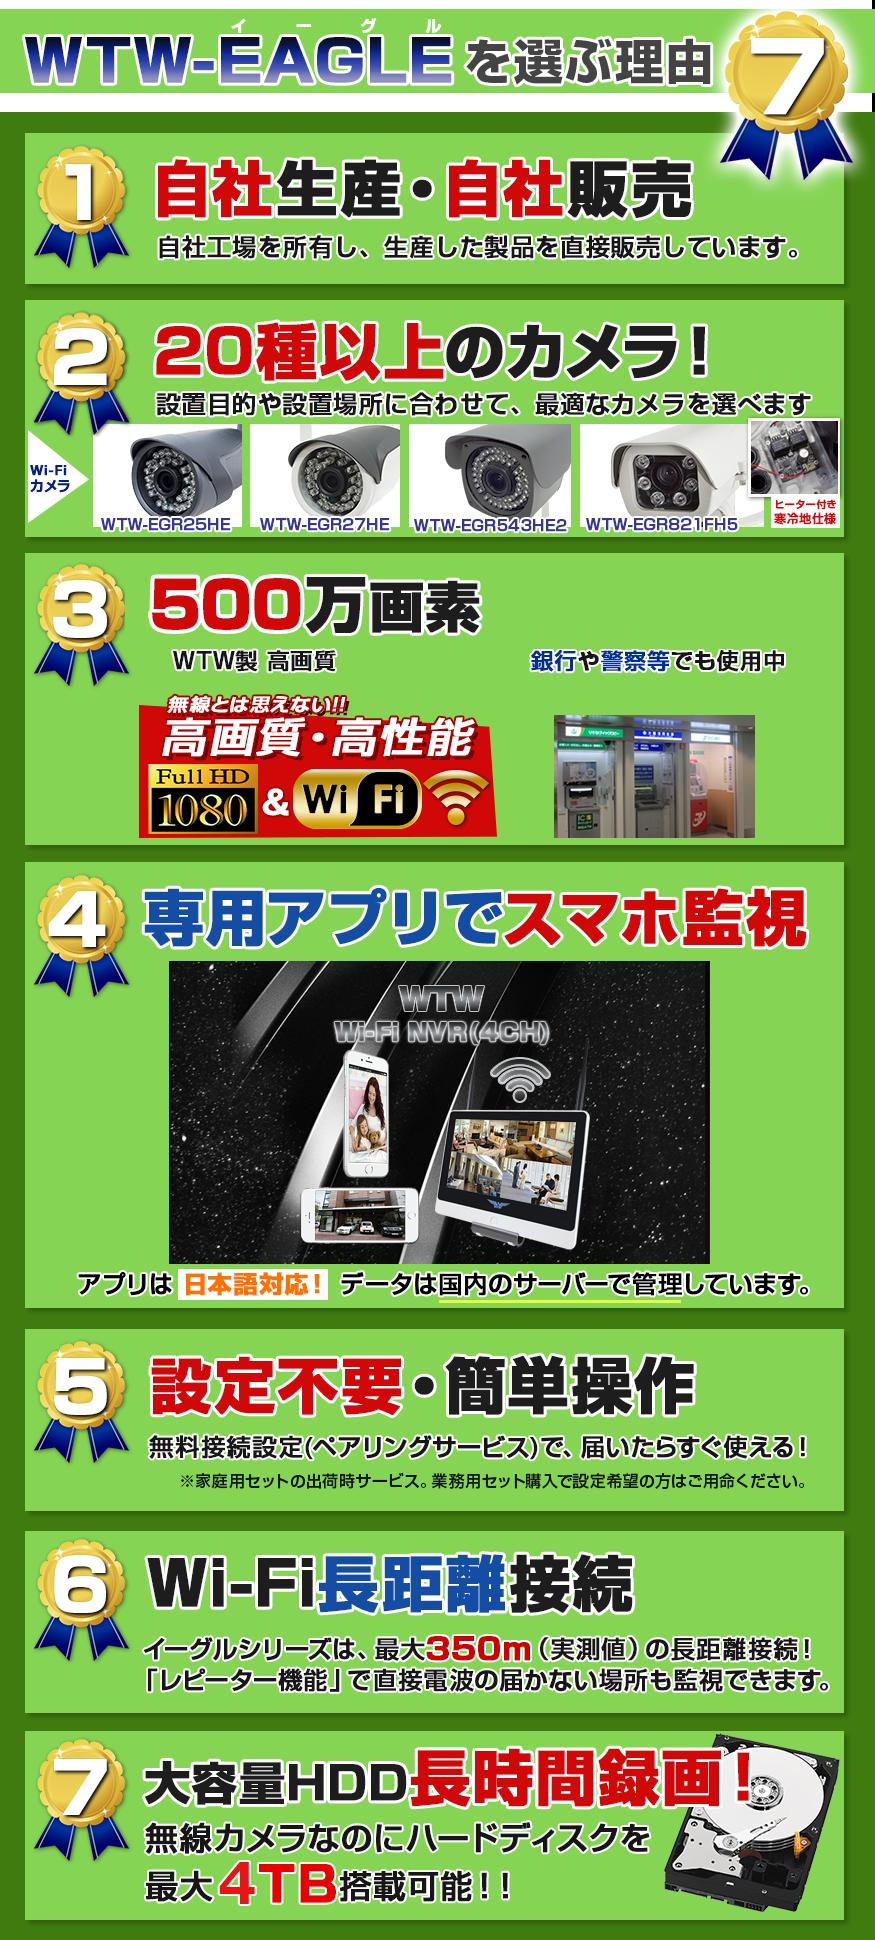 塚本無線が推薦する 最高の無線カメラ WTW-イーグルを買う為の 六か条!